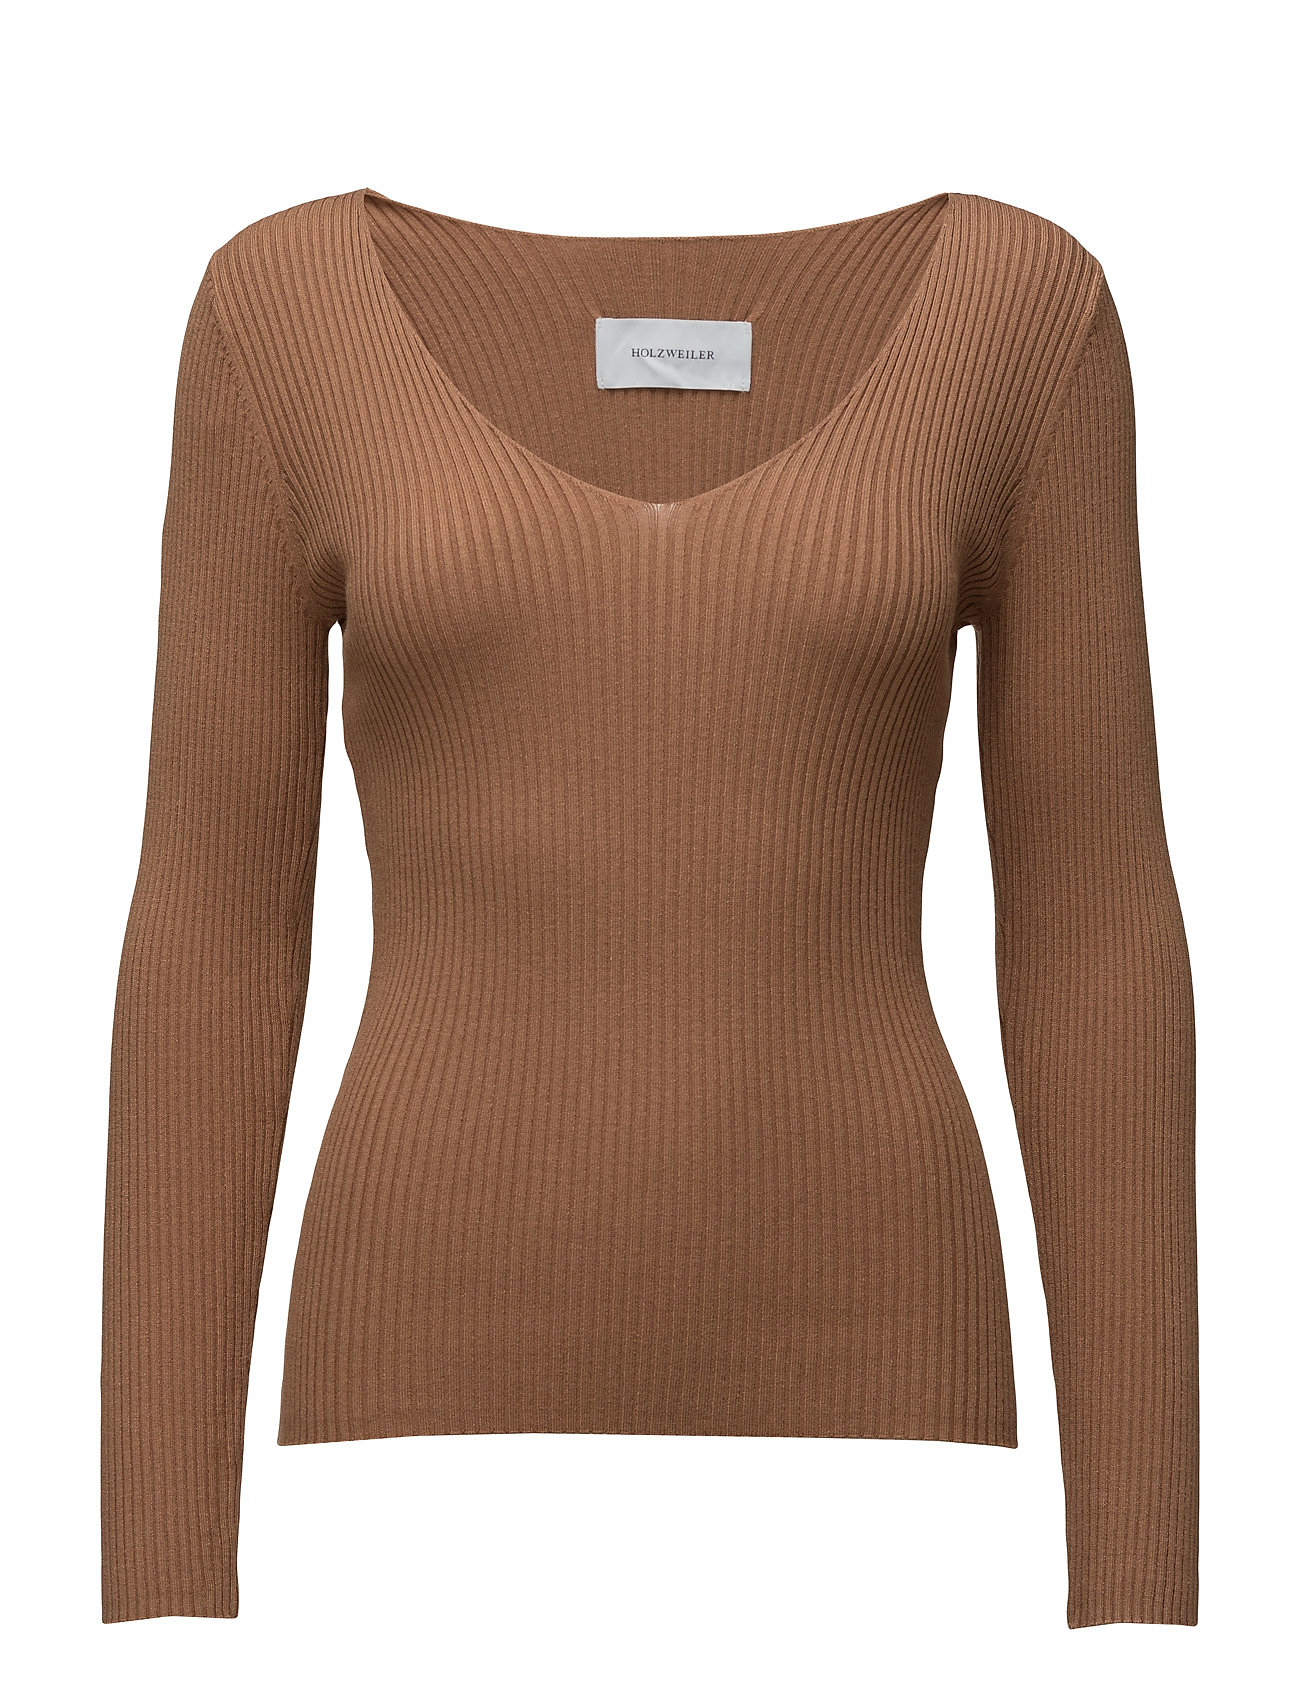 Sydney Sweater HOLZWEILER Sweatshirts til Damer i Kamel